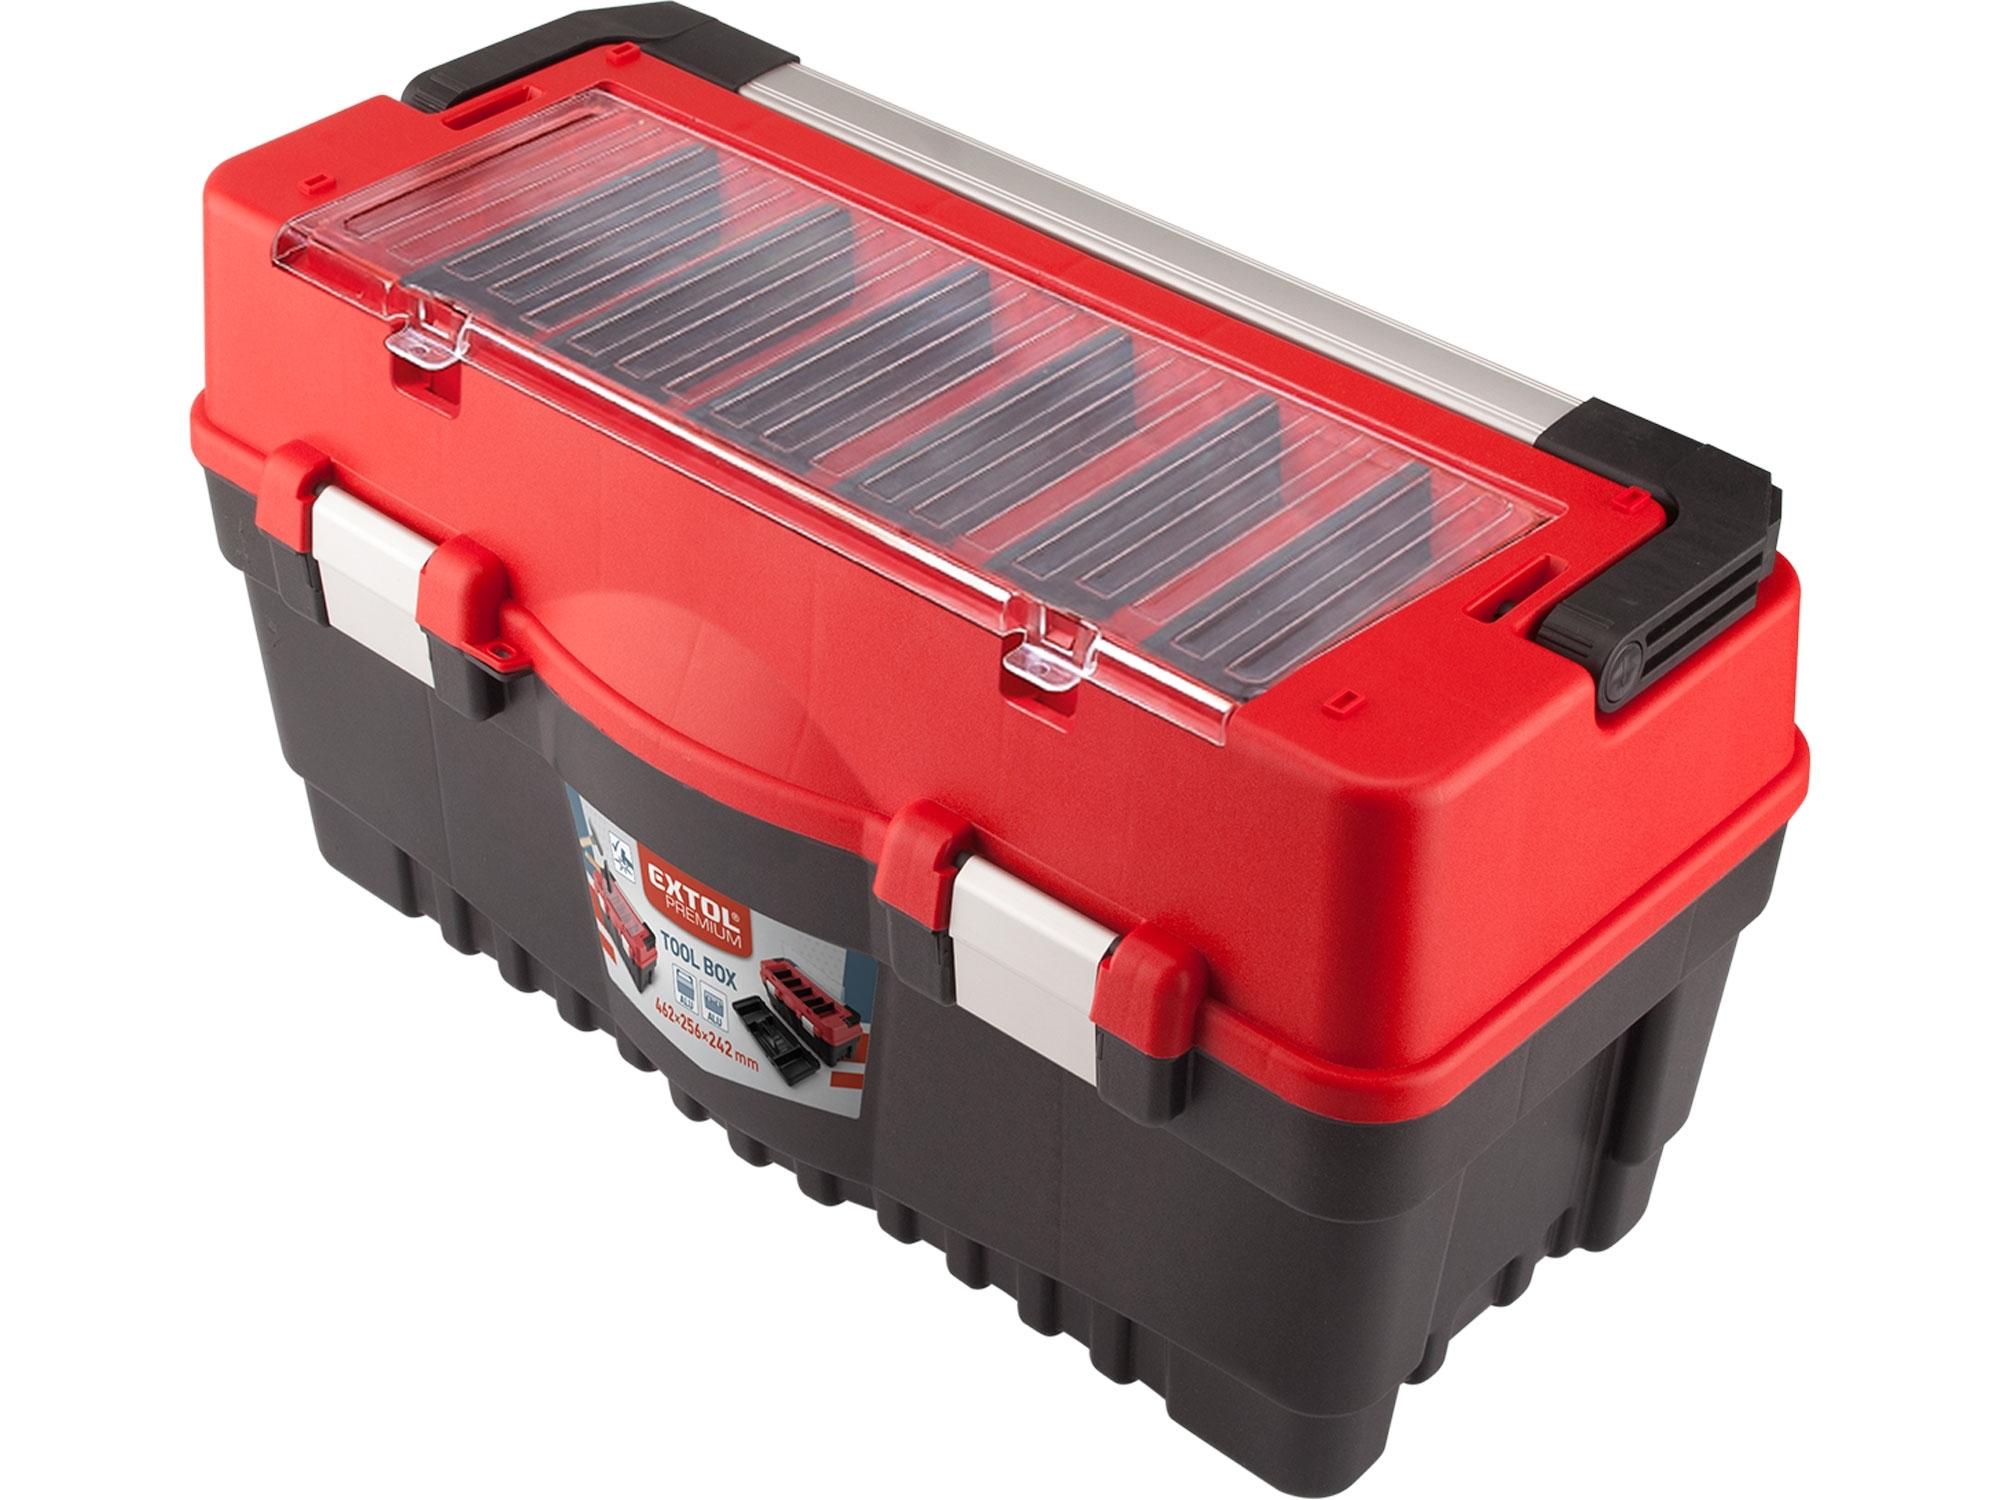 kufr na nářadí CARBO, L velikost, 595x289x328mm